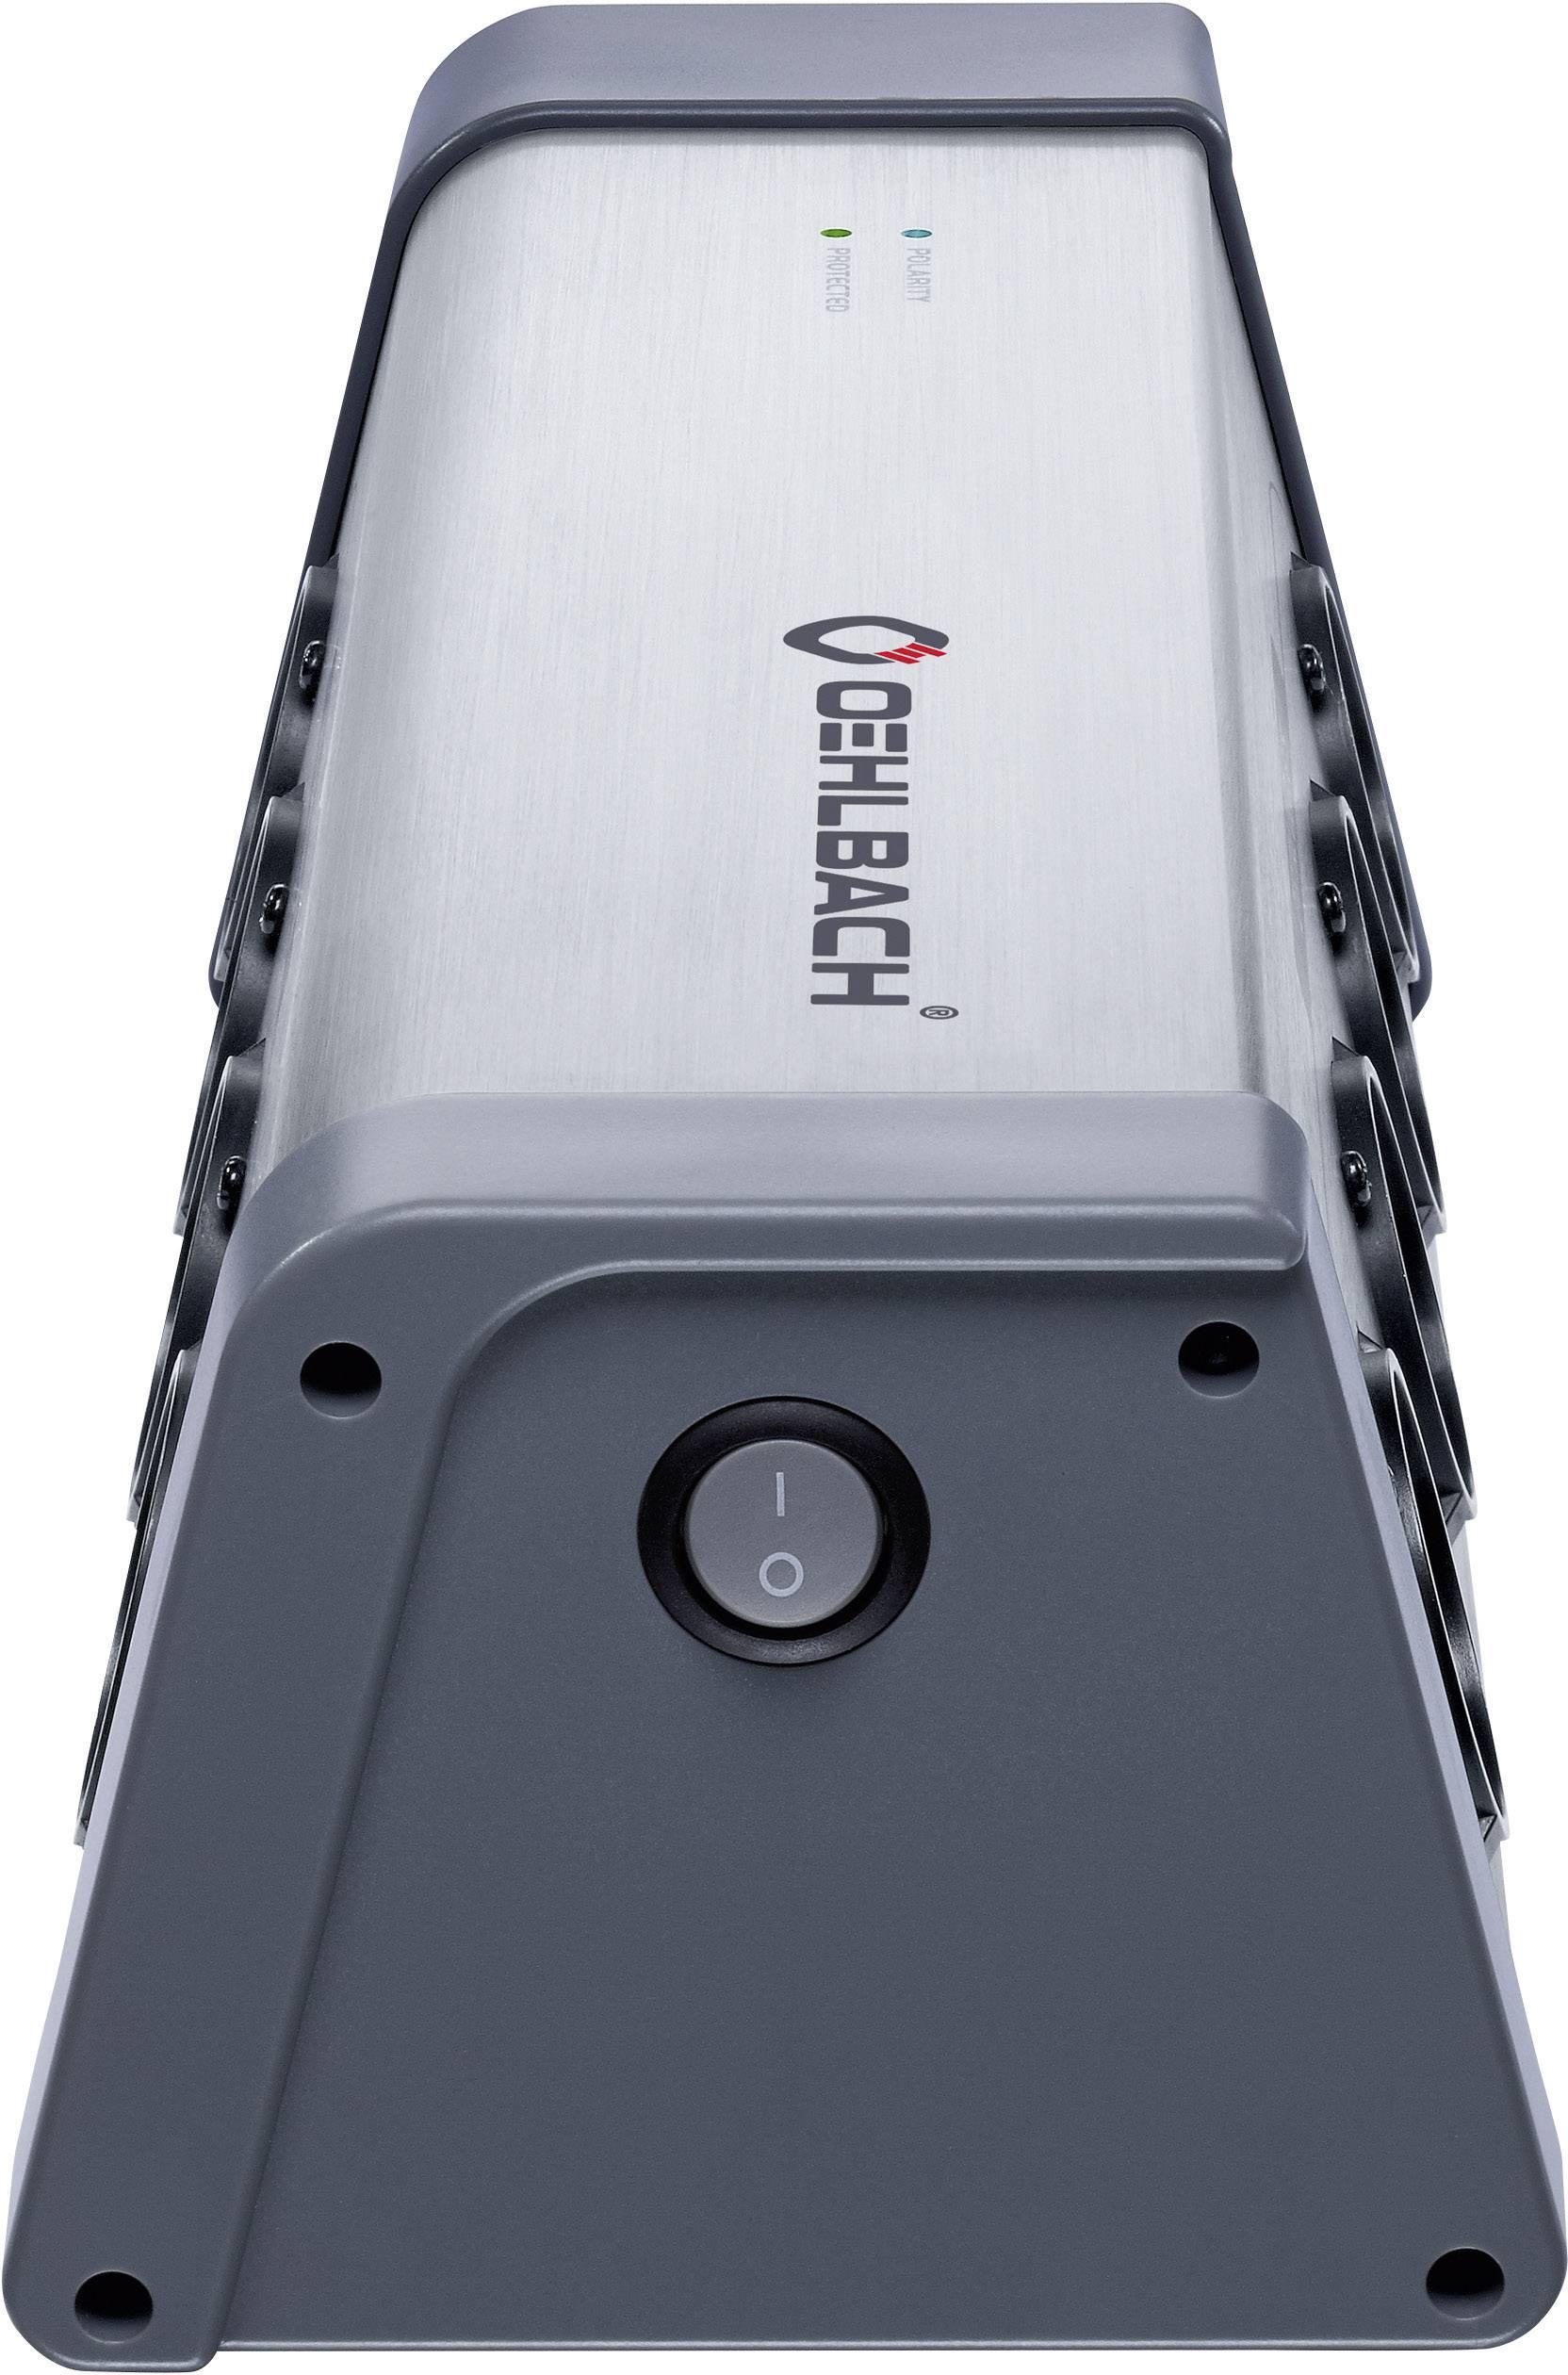 Zásuvková lišta s prepäťovou ochranou Oehlbach, 8 zásuviek, strieborná/šedá, D1C13040